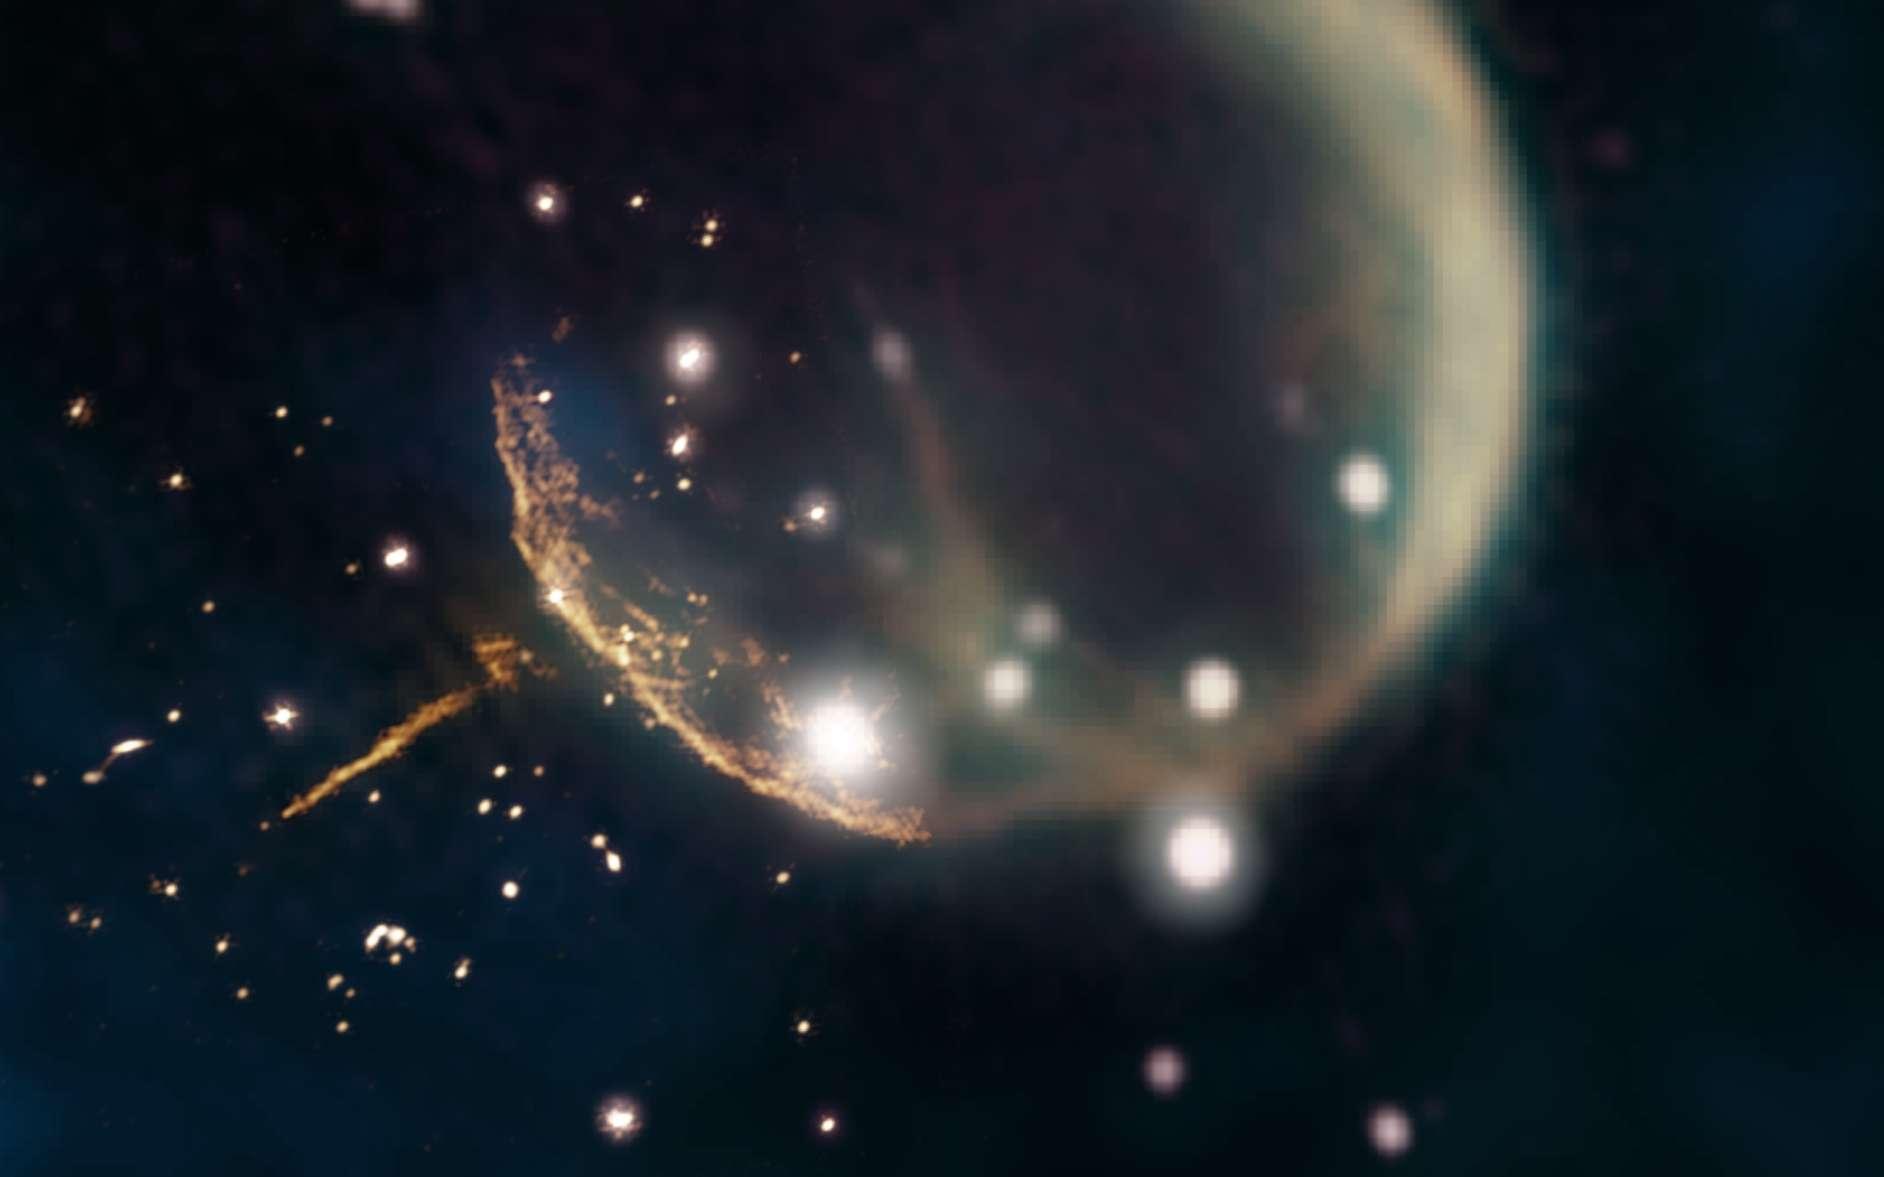 Le reste de la supernova CTB 1 ressemble à une bulle fantomatique sur cette image, qui associe les nouvelles observations à 1,5 gigahertz du radiotélescope Very Large Array ou VLA (orange, proche du centre) à des observations plus anciennes provenant du Canadian Galactic Plane Survey de l'observatoire fédéral de radioastrophysique (1,42 gigahertz, magenta et jaune ; 408 mégahertz, vert) et données infrarouges (bleu). Les données VLA révèlent clairement la trace droite brillante du pulsar J0002 + 6216 et le bord incurvé de la coquille du reste de la supernova. © Image composite de Jayanne English, Université du Manitoba, utilisant les données de NRAO/F. Schinzel et al., DRAO/Canadian Galactic Plane Survey et Nasa/Iras